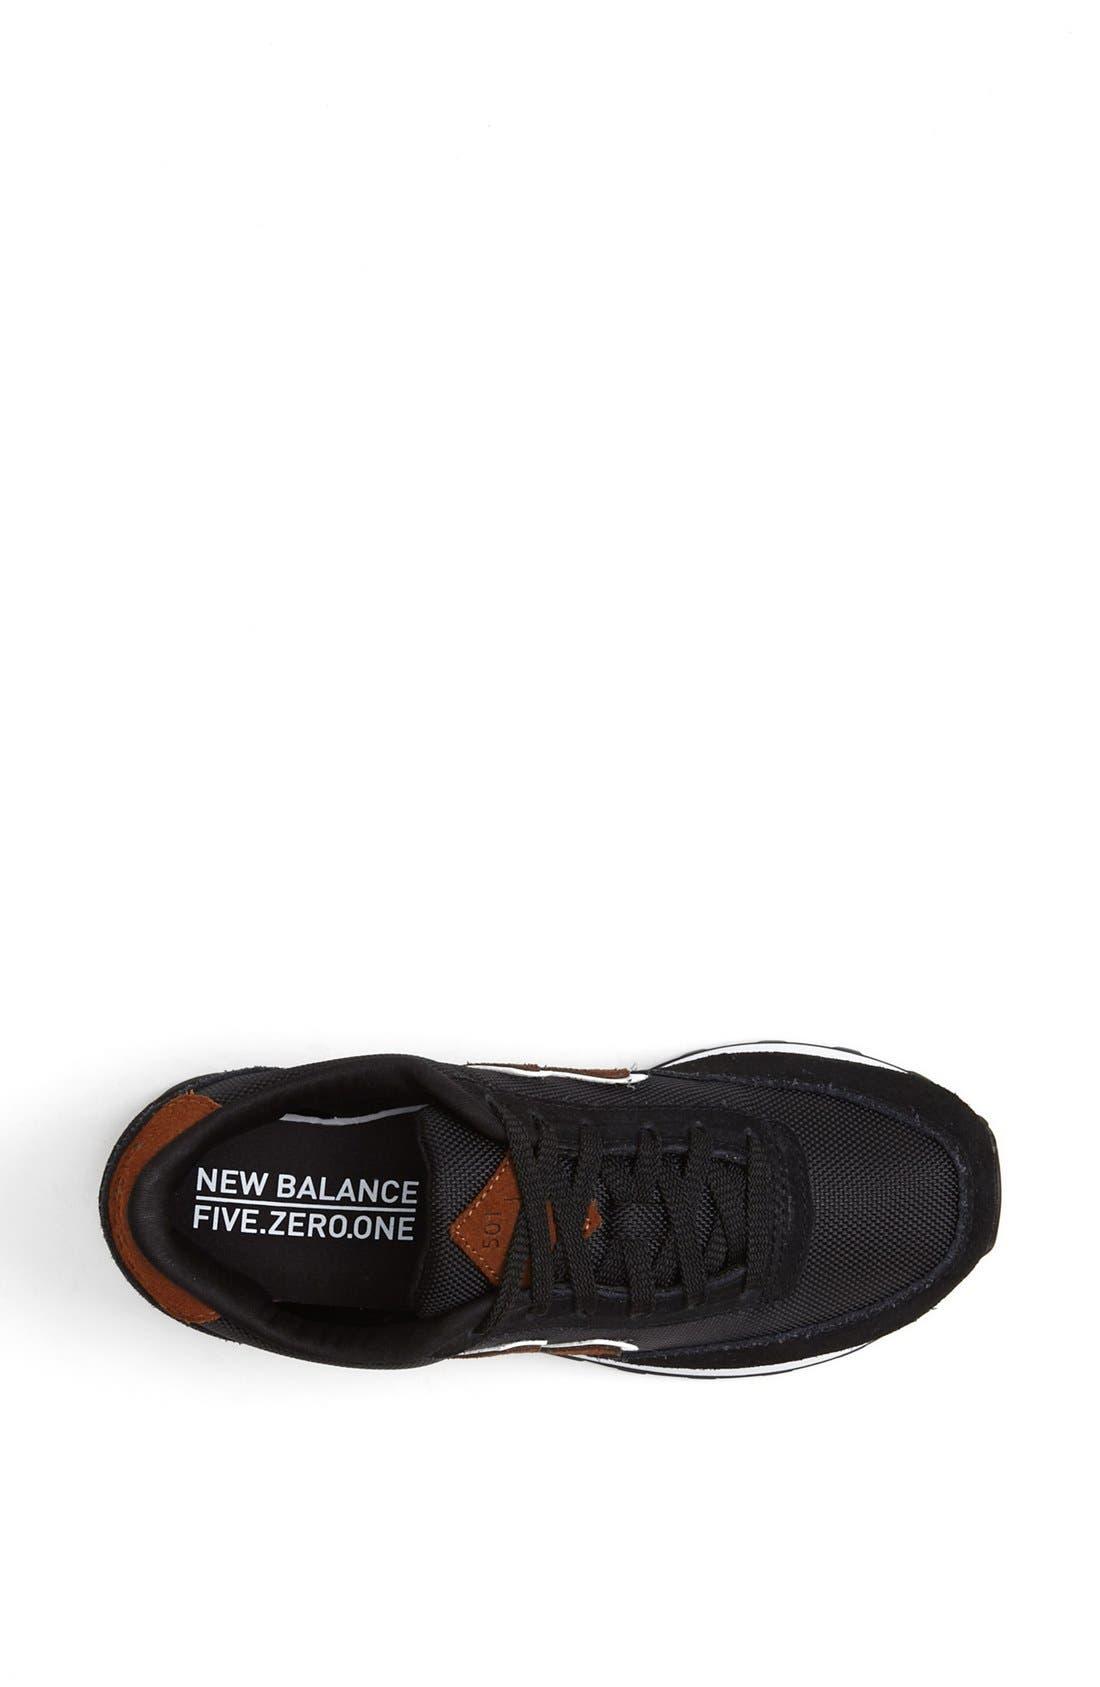 Alternate Image 3  - New Balance 'Backpack' Sneaker (Women)